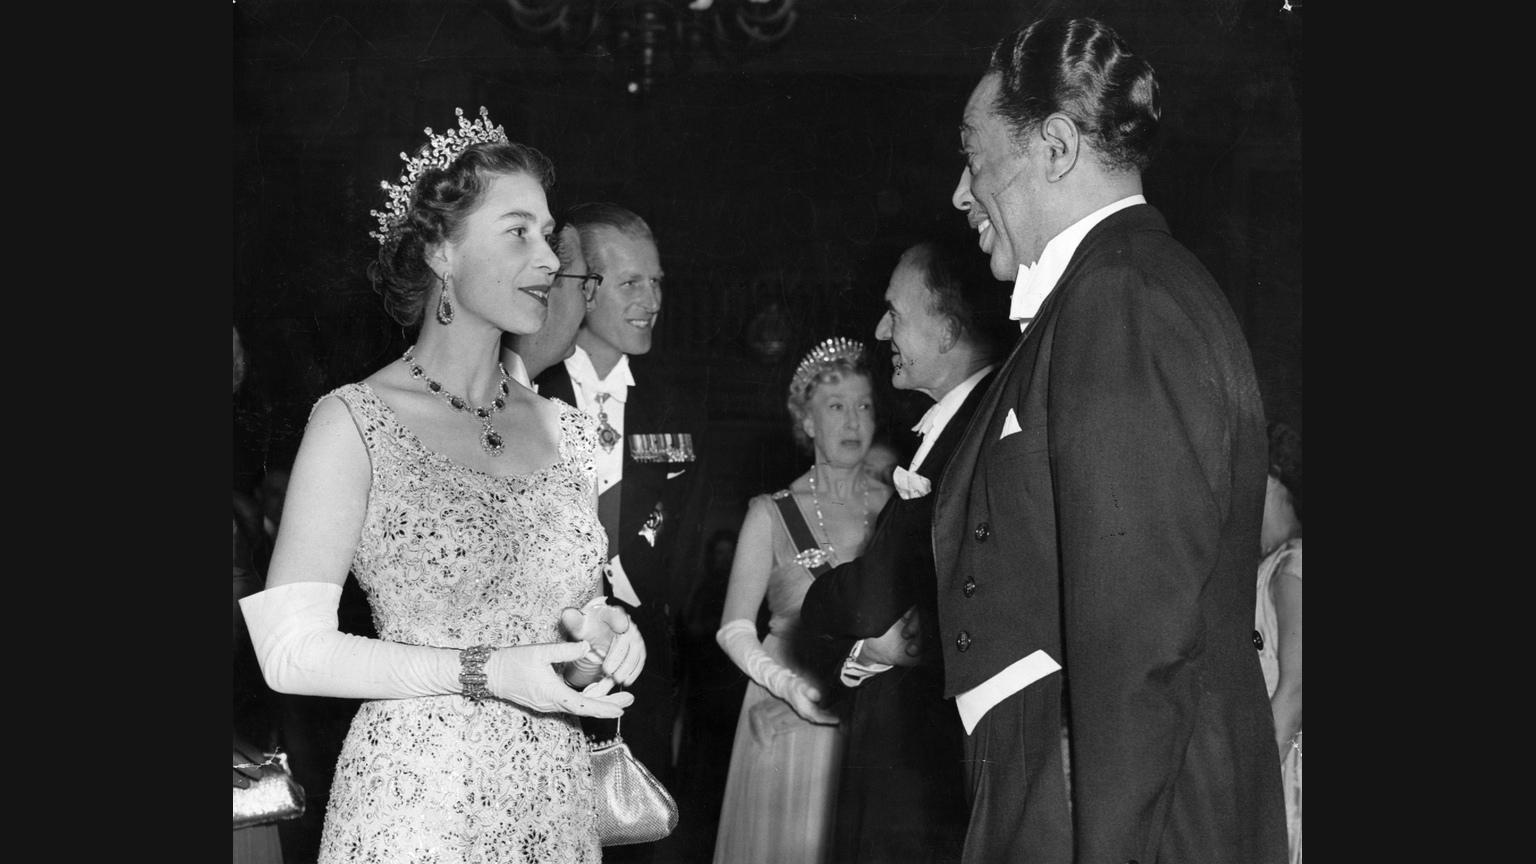 [Duke Ellington meets Queen Elizabeth II at Leeds in 1958]